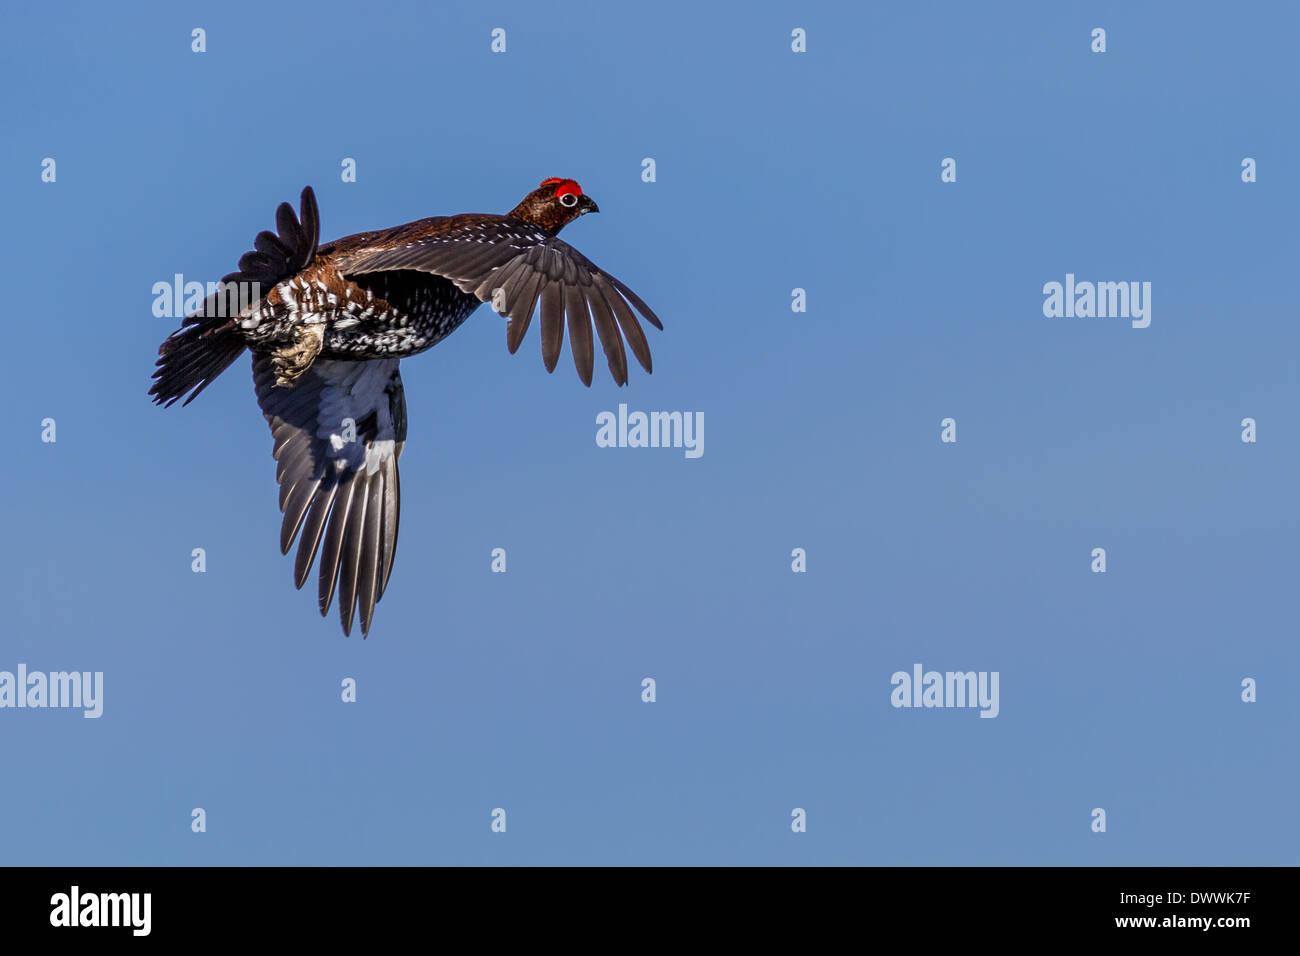 Tierwelt: Moorschneehuhn (Lagopus lagopus) fliegen nach dem Abheben, England, Großbritannien Stockfoto